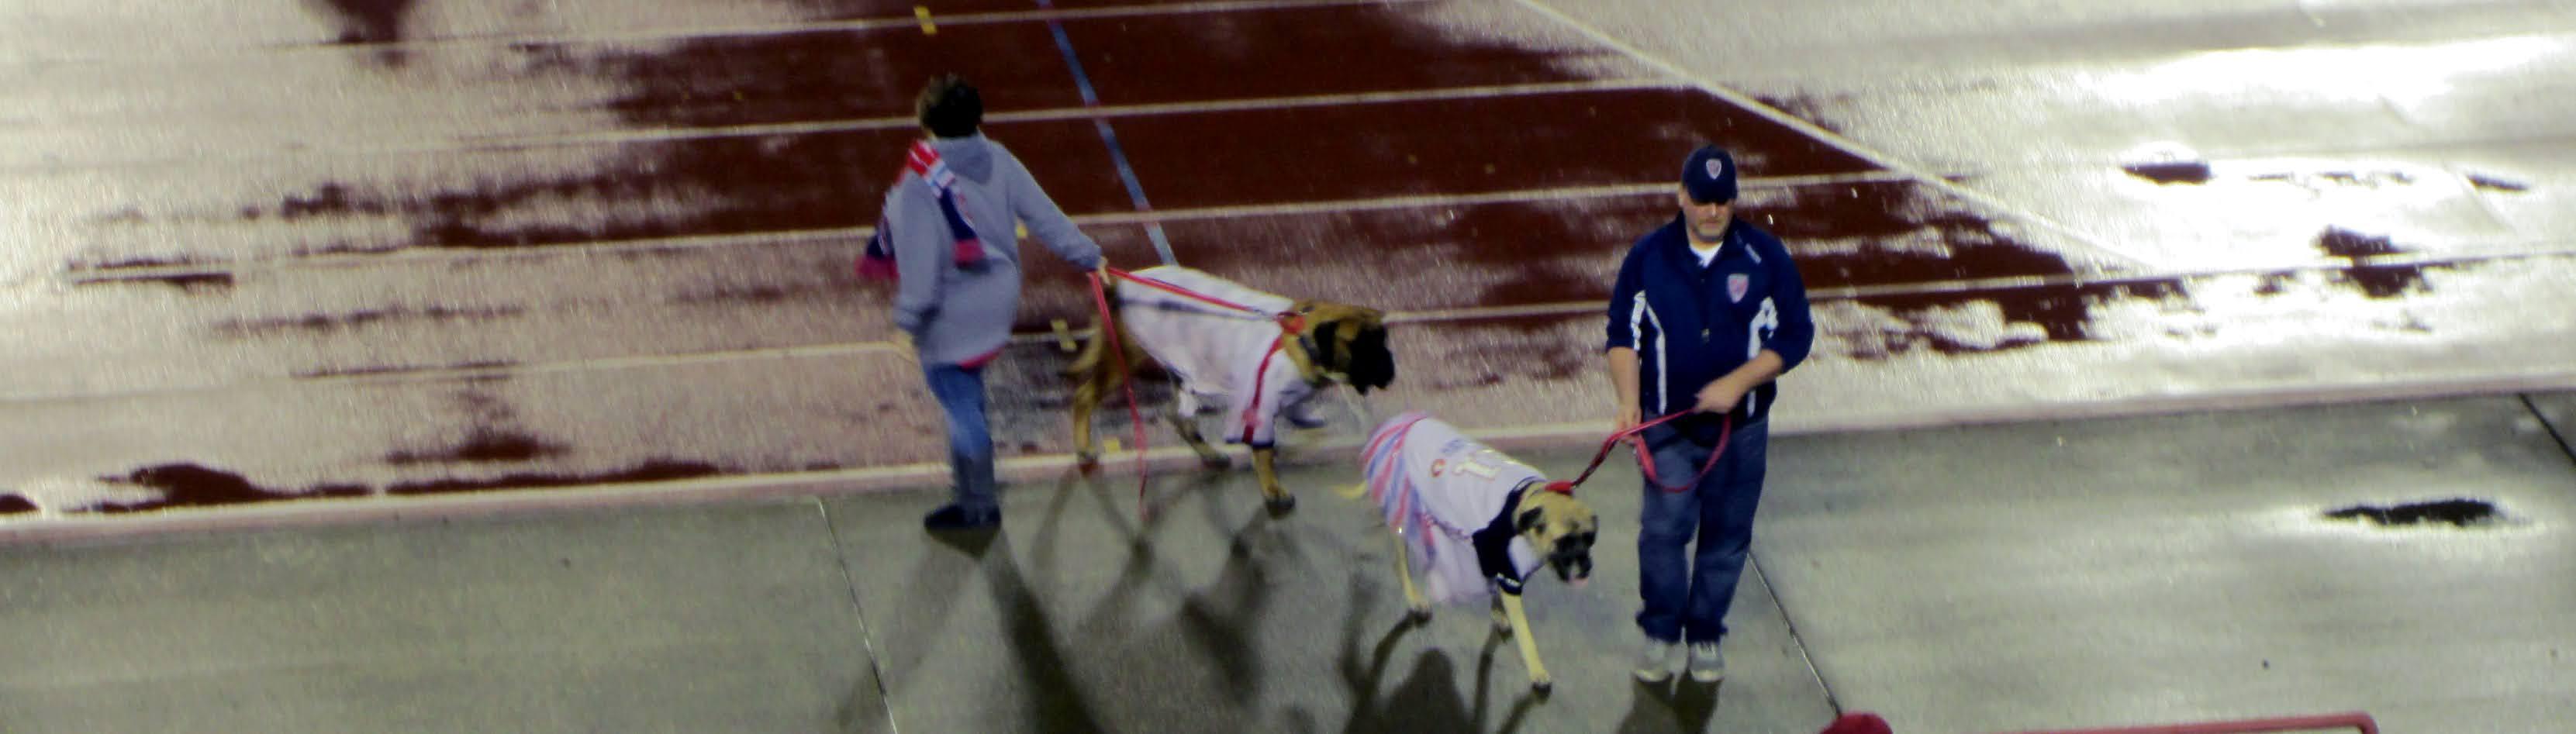 Indy Eleven's mascots, Victorio and Victoria